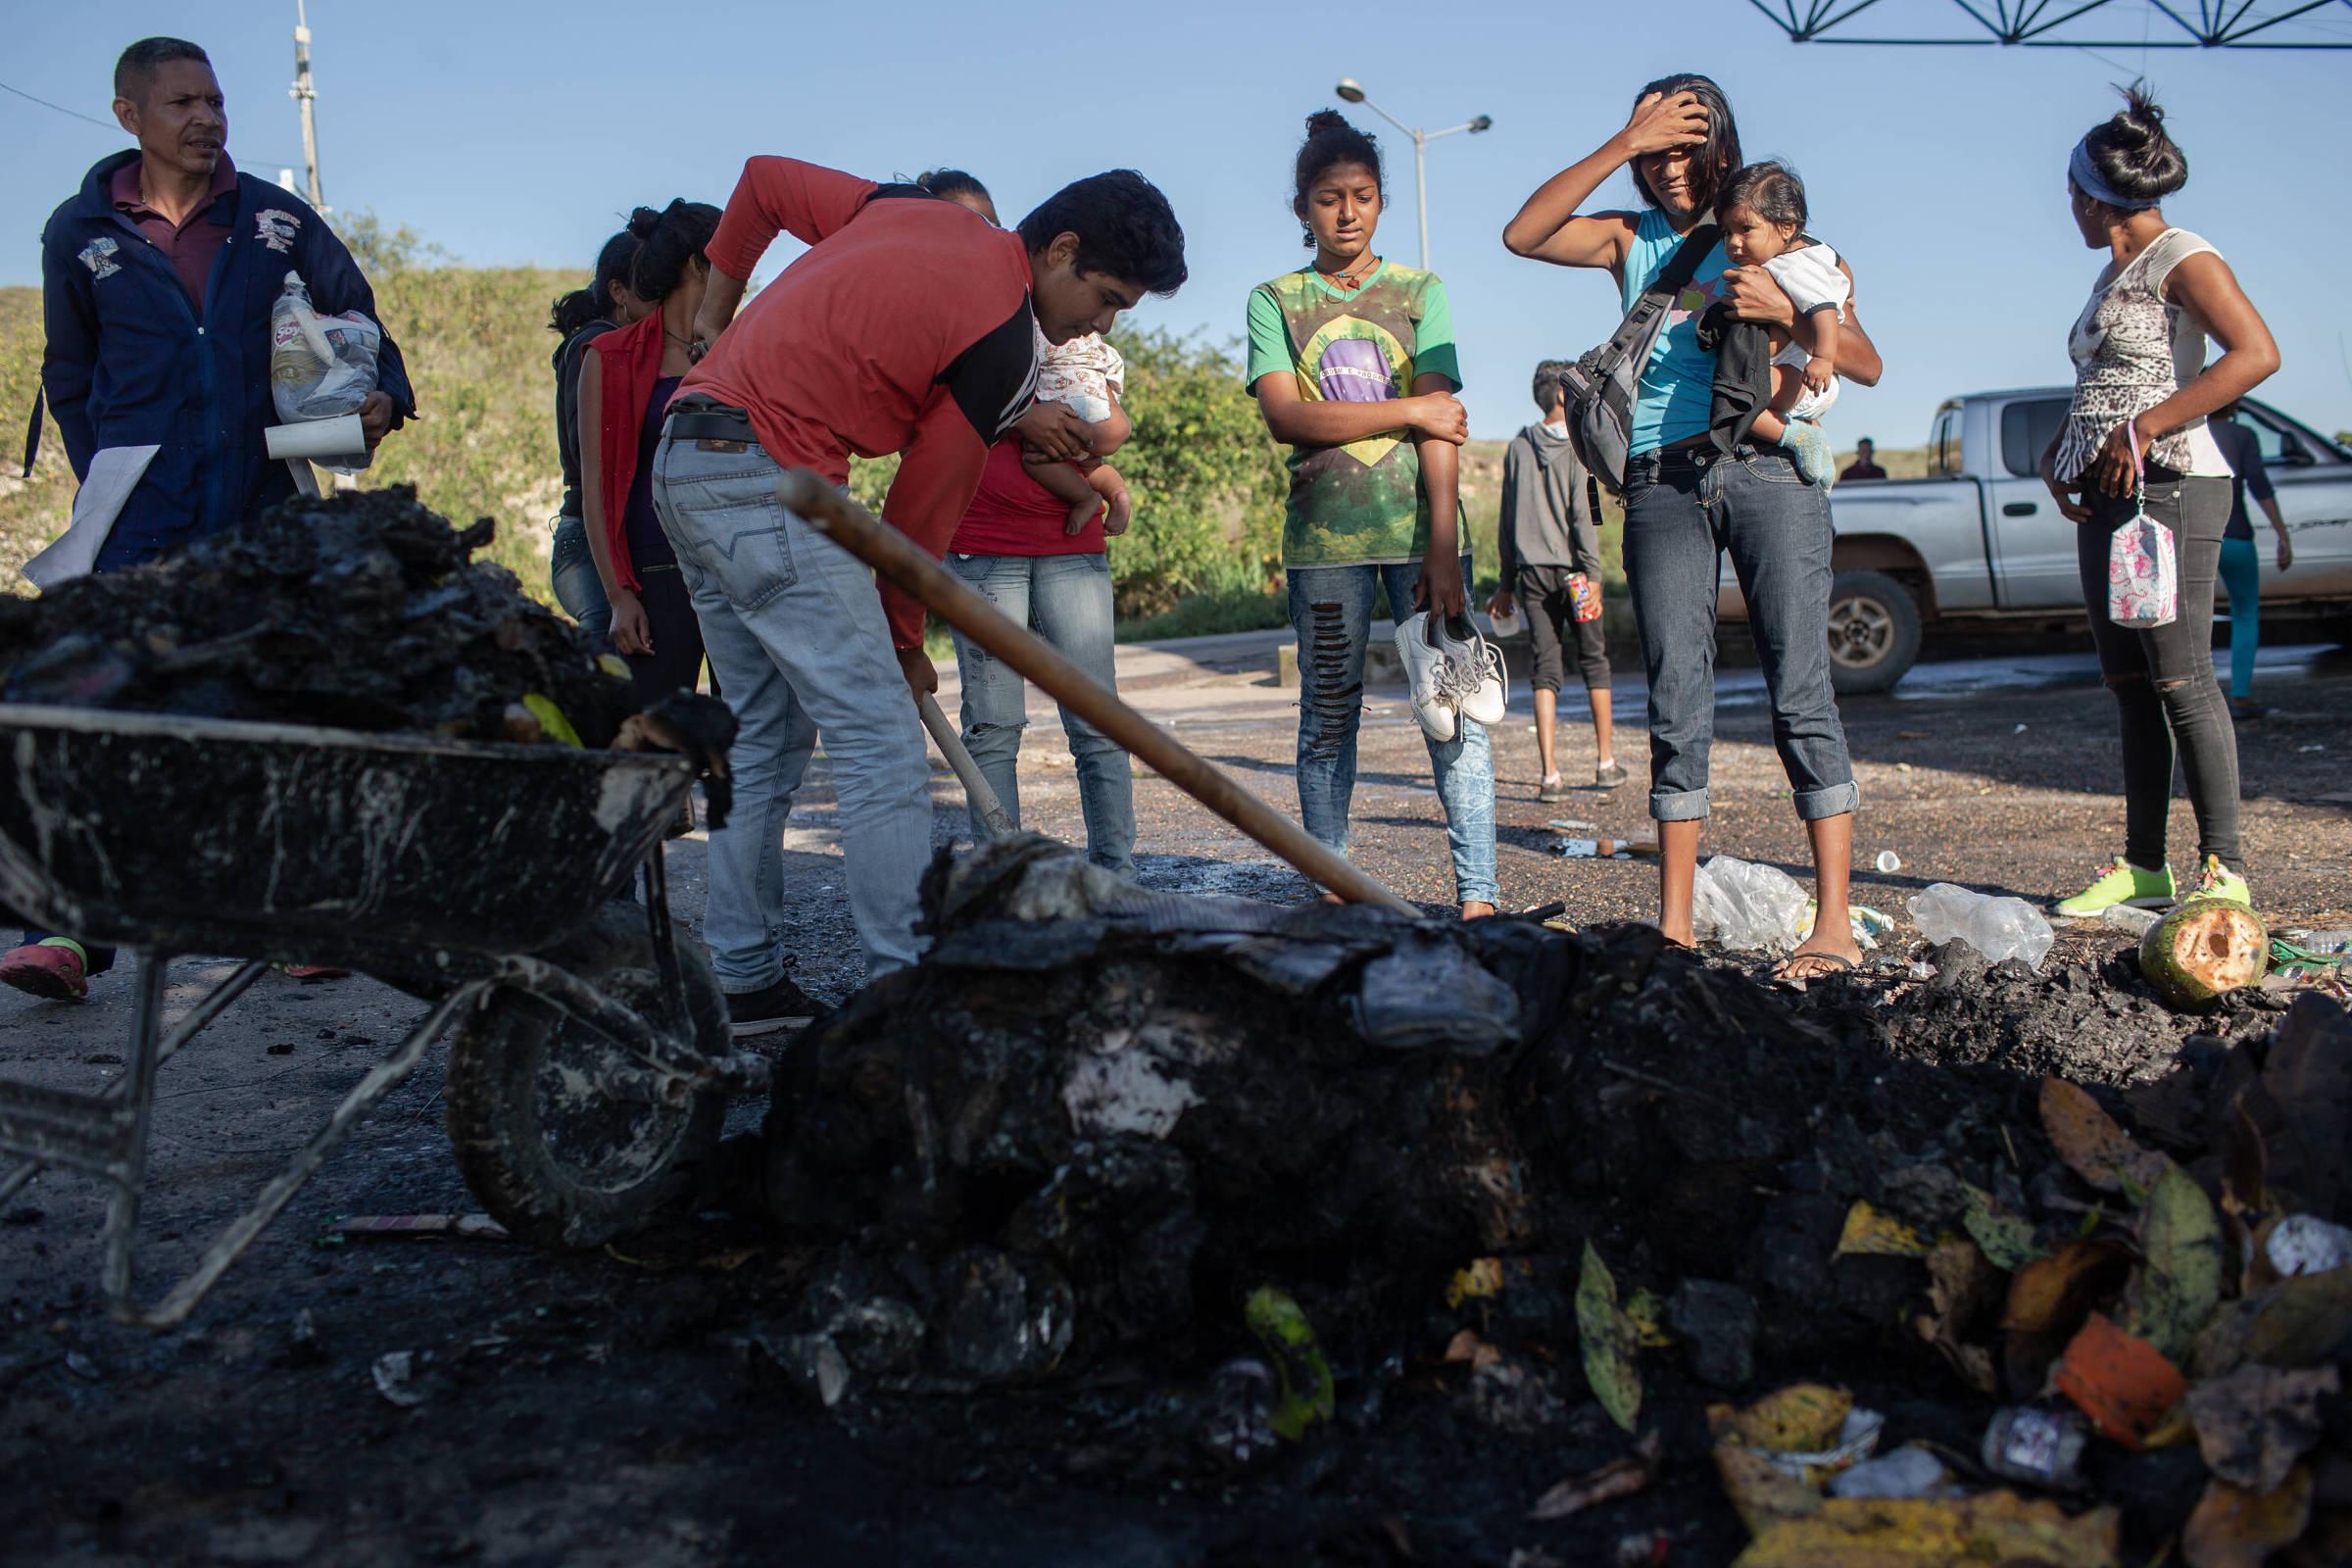 Eles nos expulsaram como cachorro, diz imigrante venezuelana em Roraima